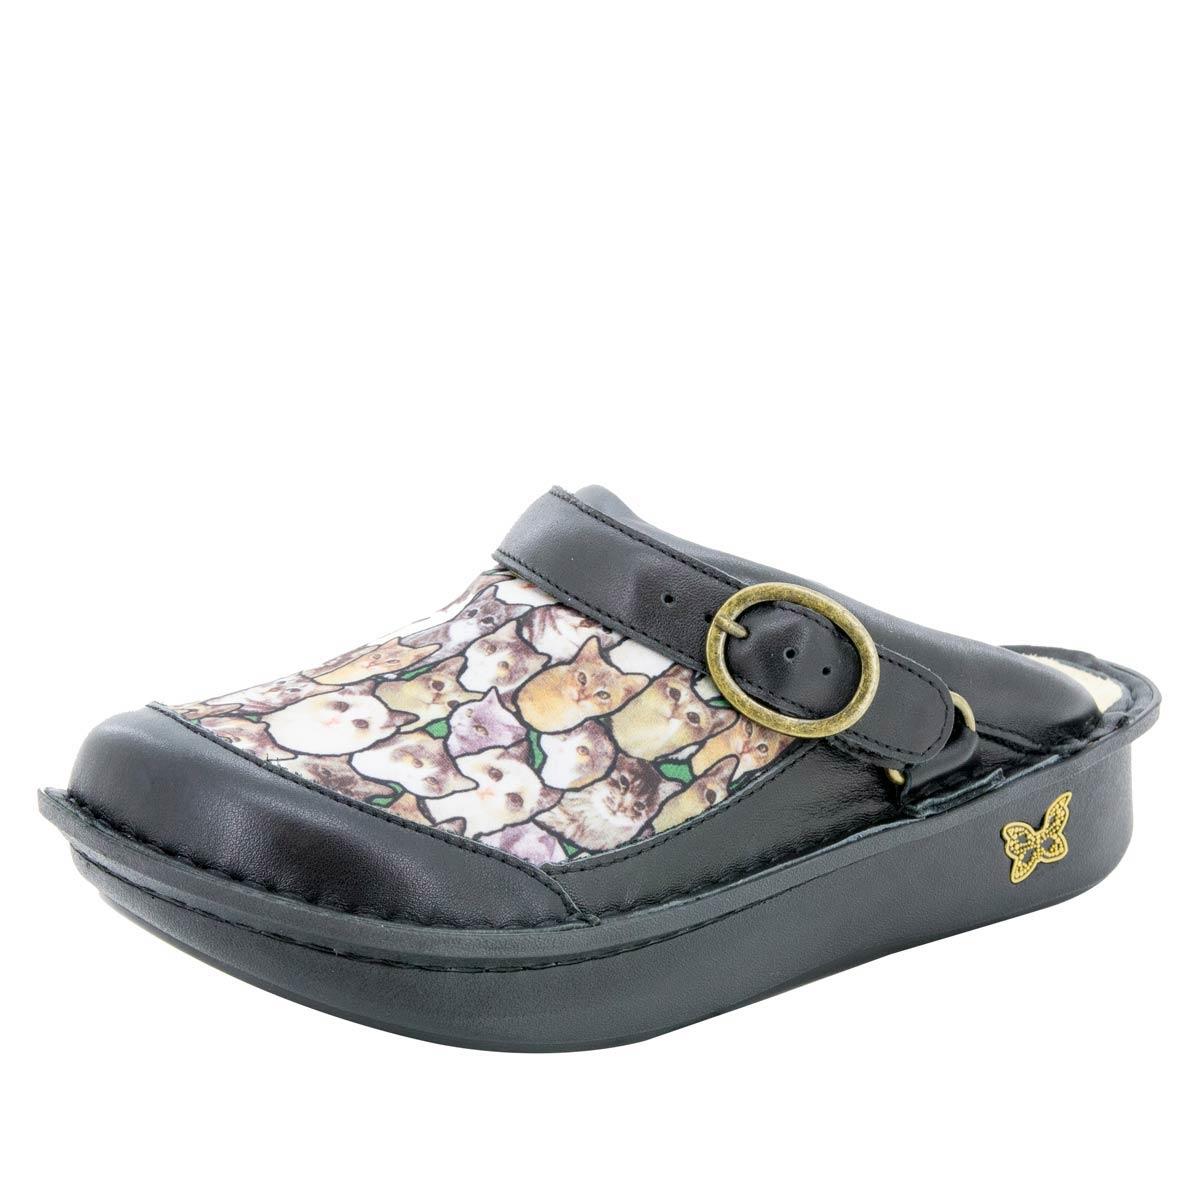 45a4d75dcbec Seville Meow - Alegria Shoes